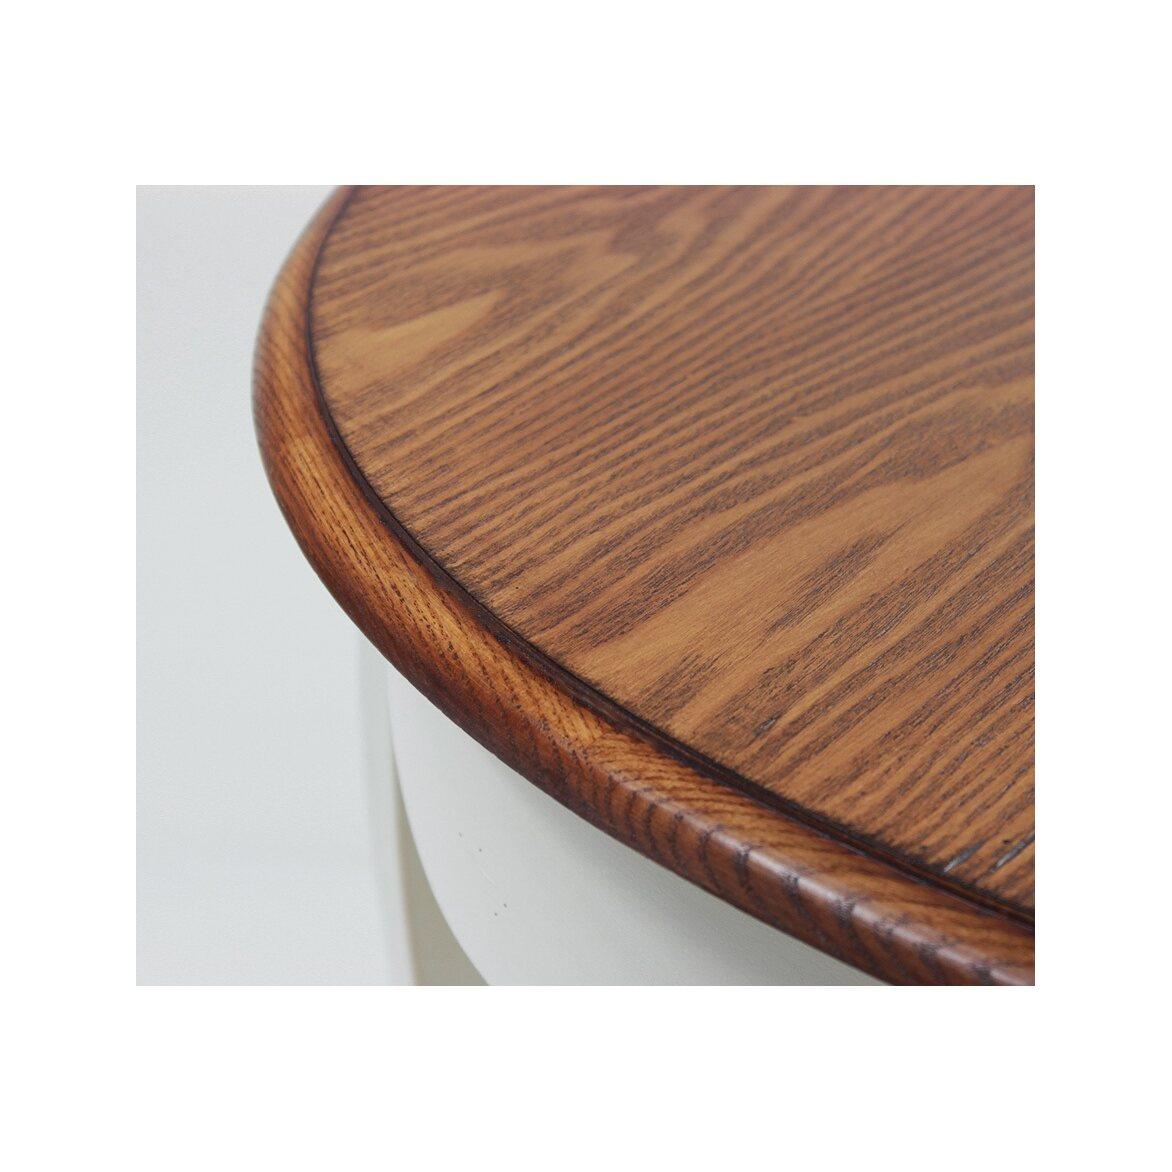 Круглый обеденный стол (большой) Leontina, бежевого цвета 10 | Обеденные столы Kingsby